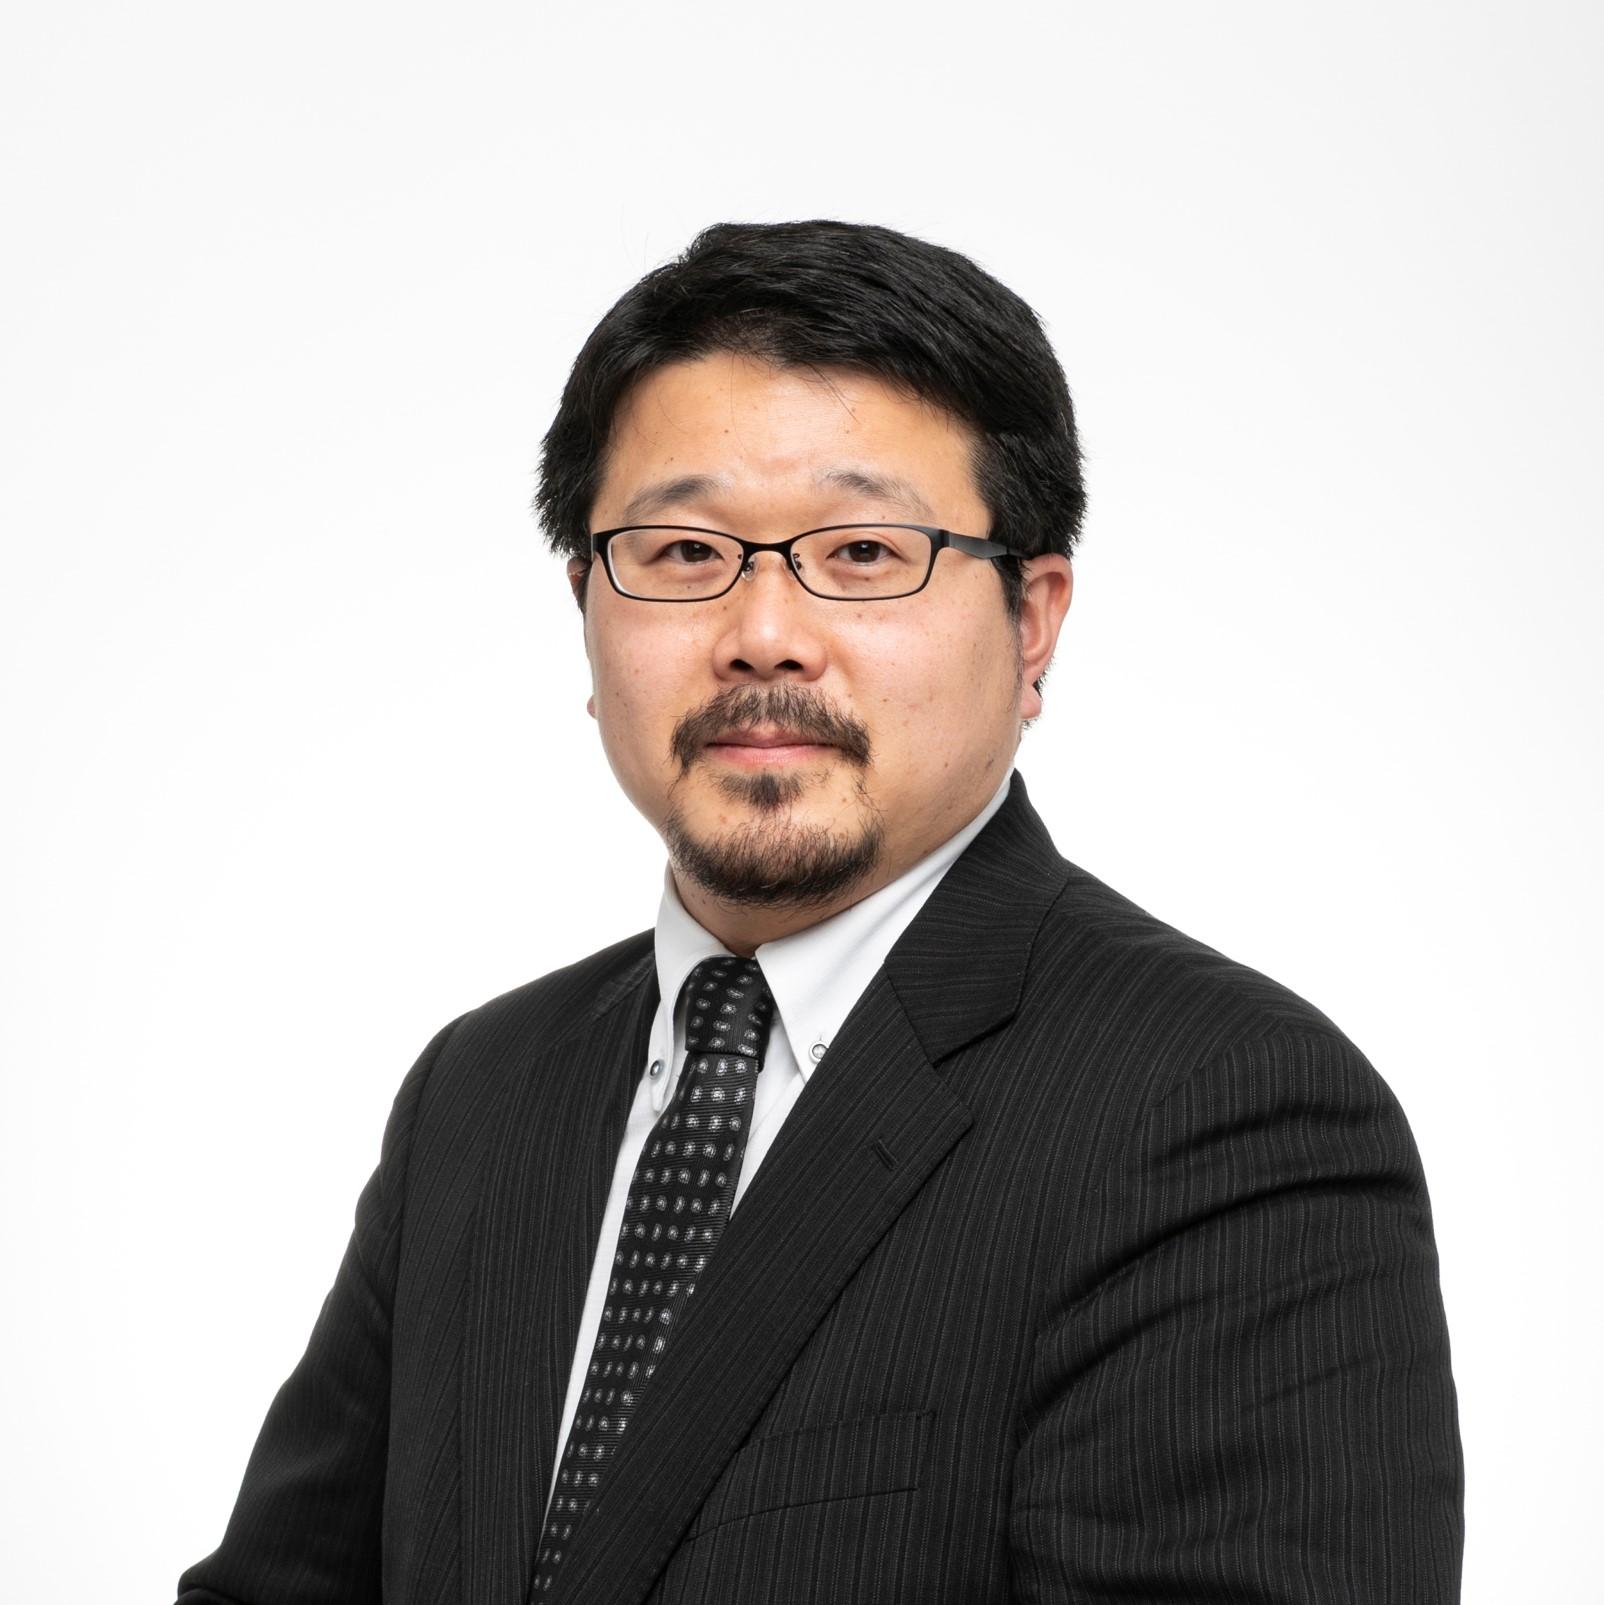 吉永 博彰